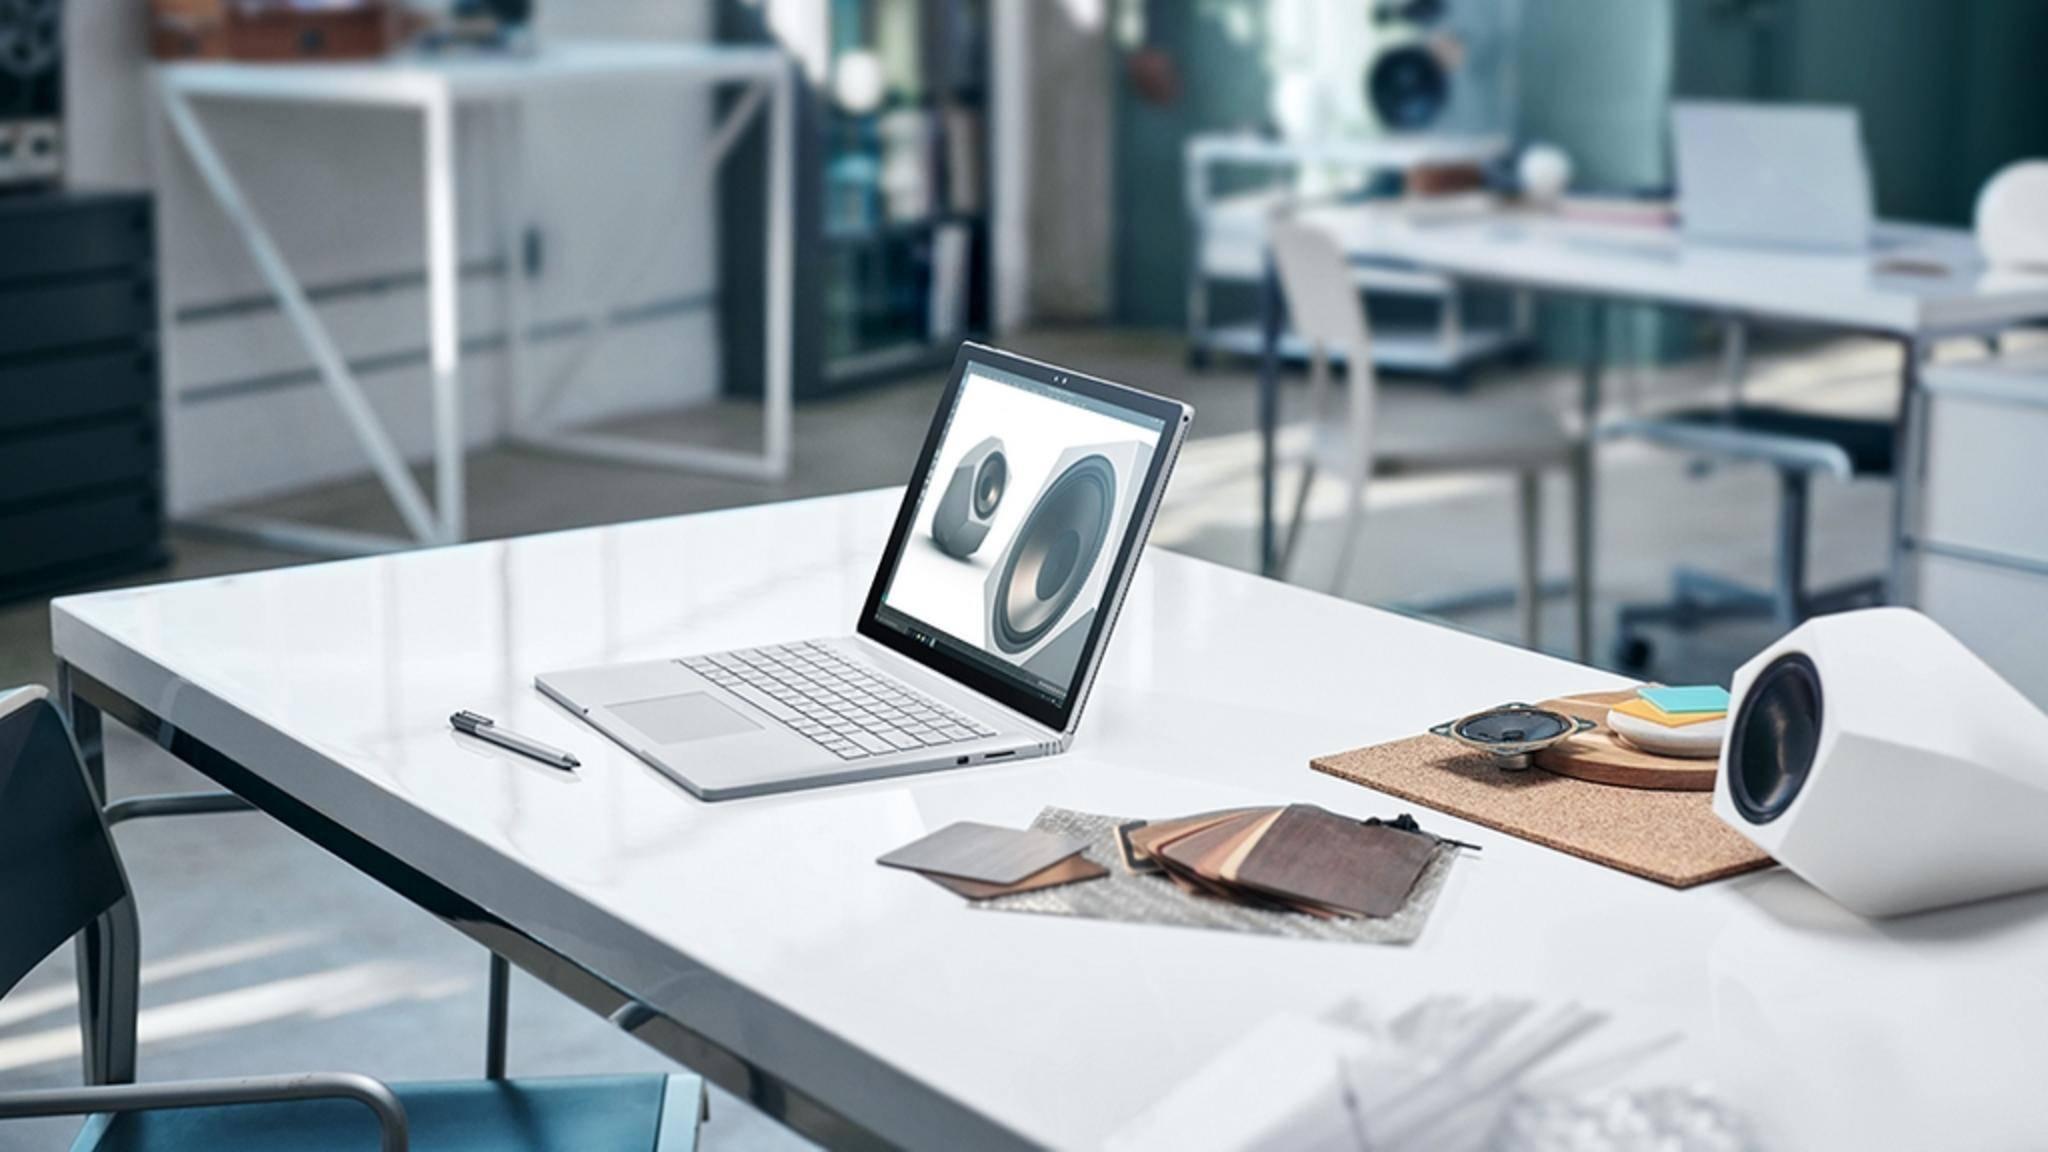 Das Surface Book 2 verzichtet vielleicht auf den Tablet-Modus.